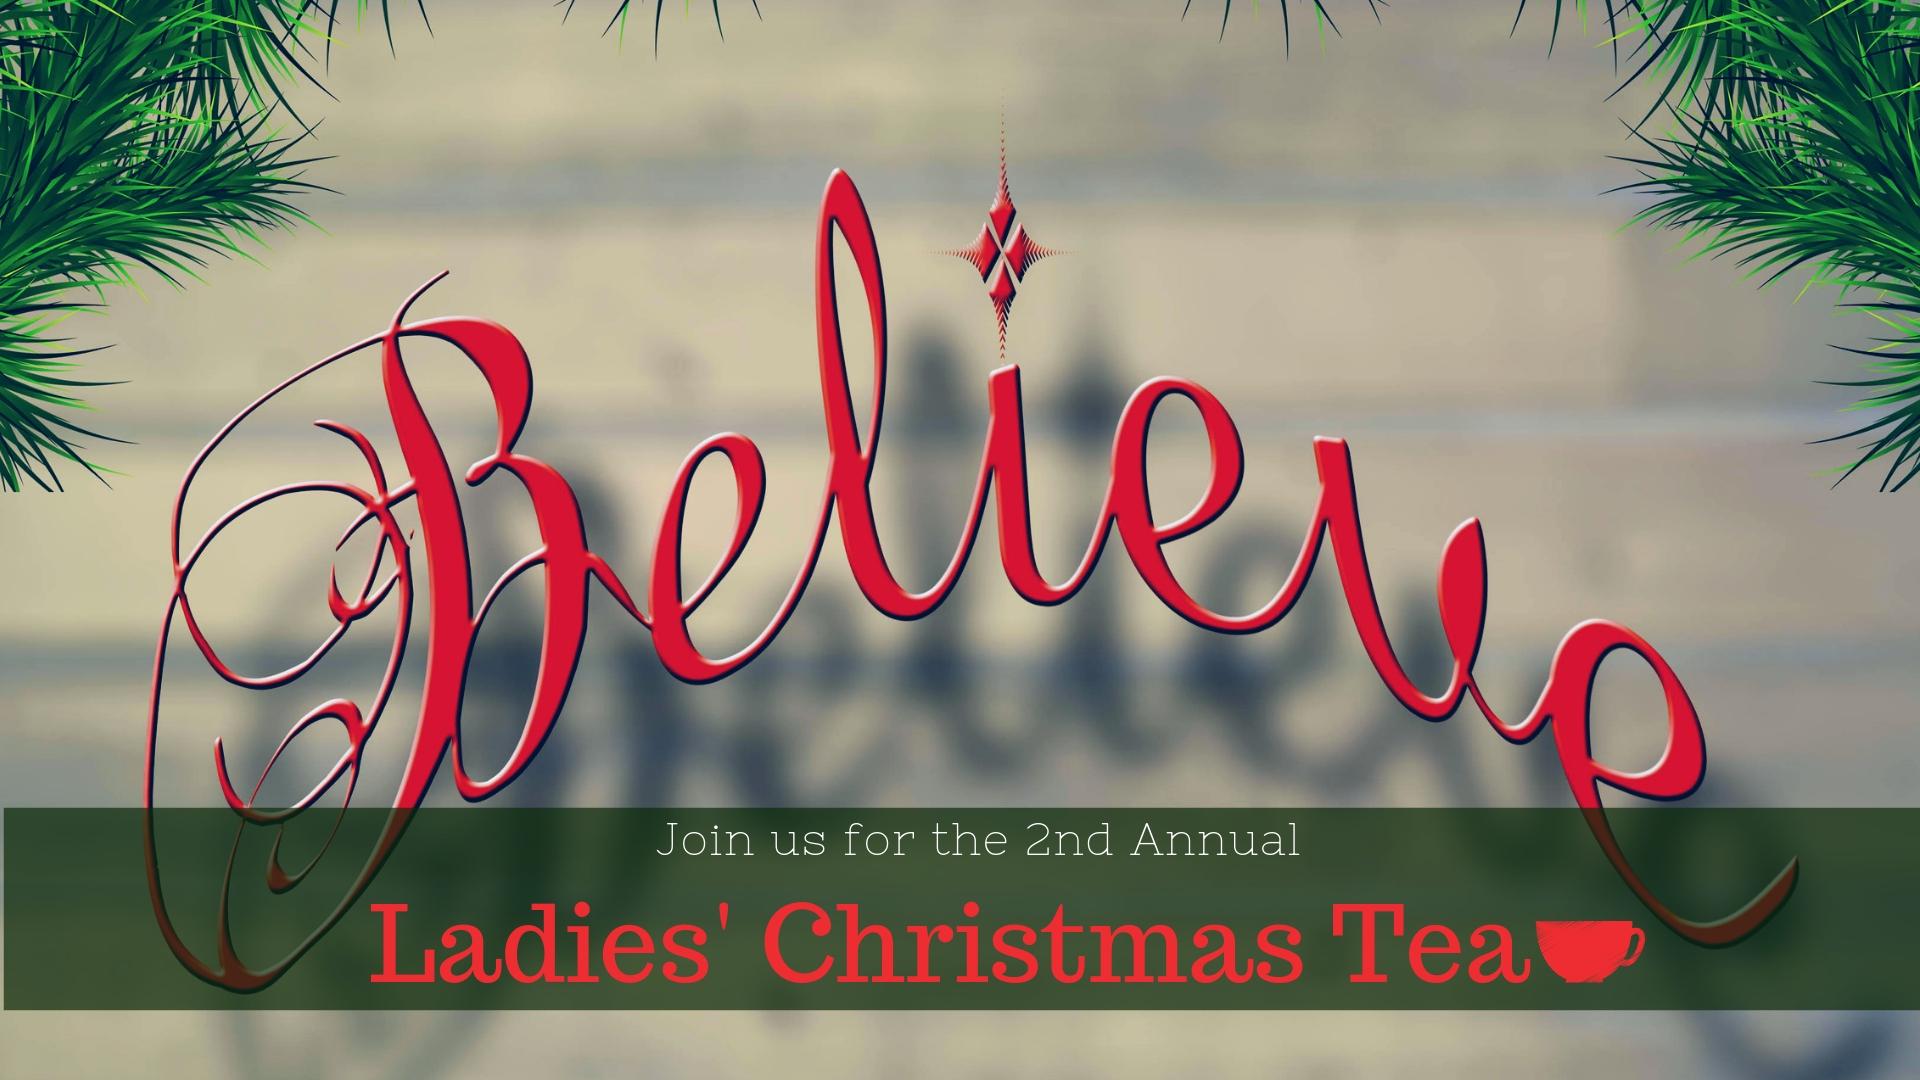 2nd Annual Ladies' Christmas Tea